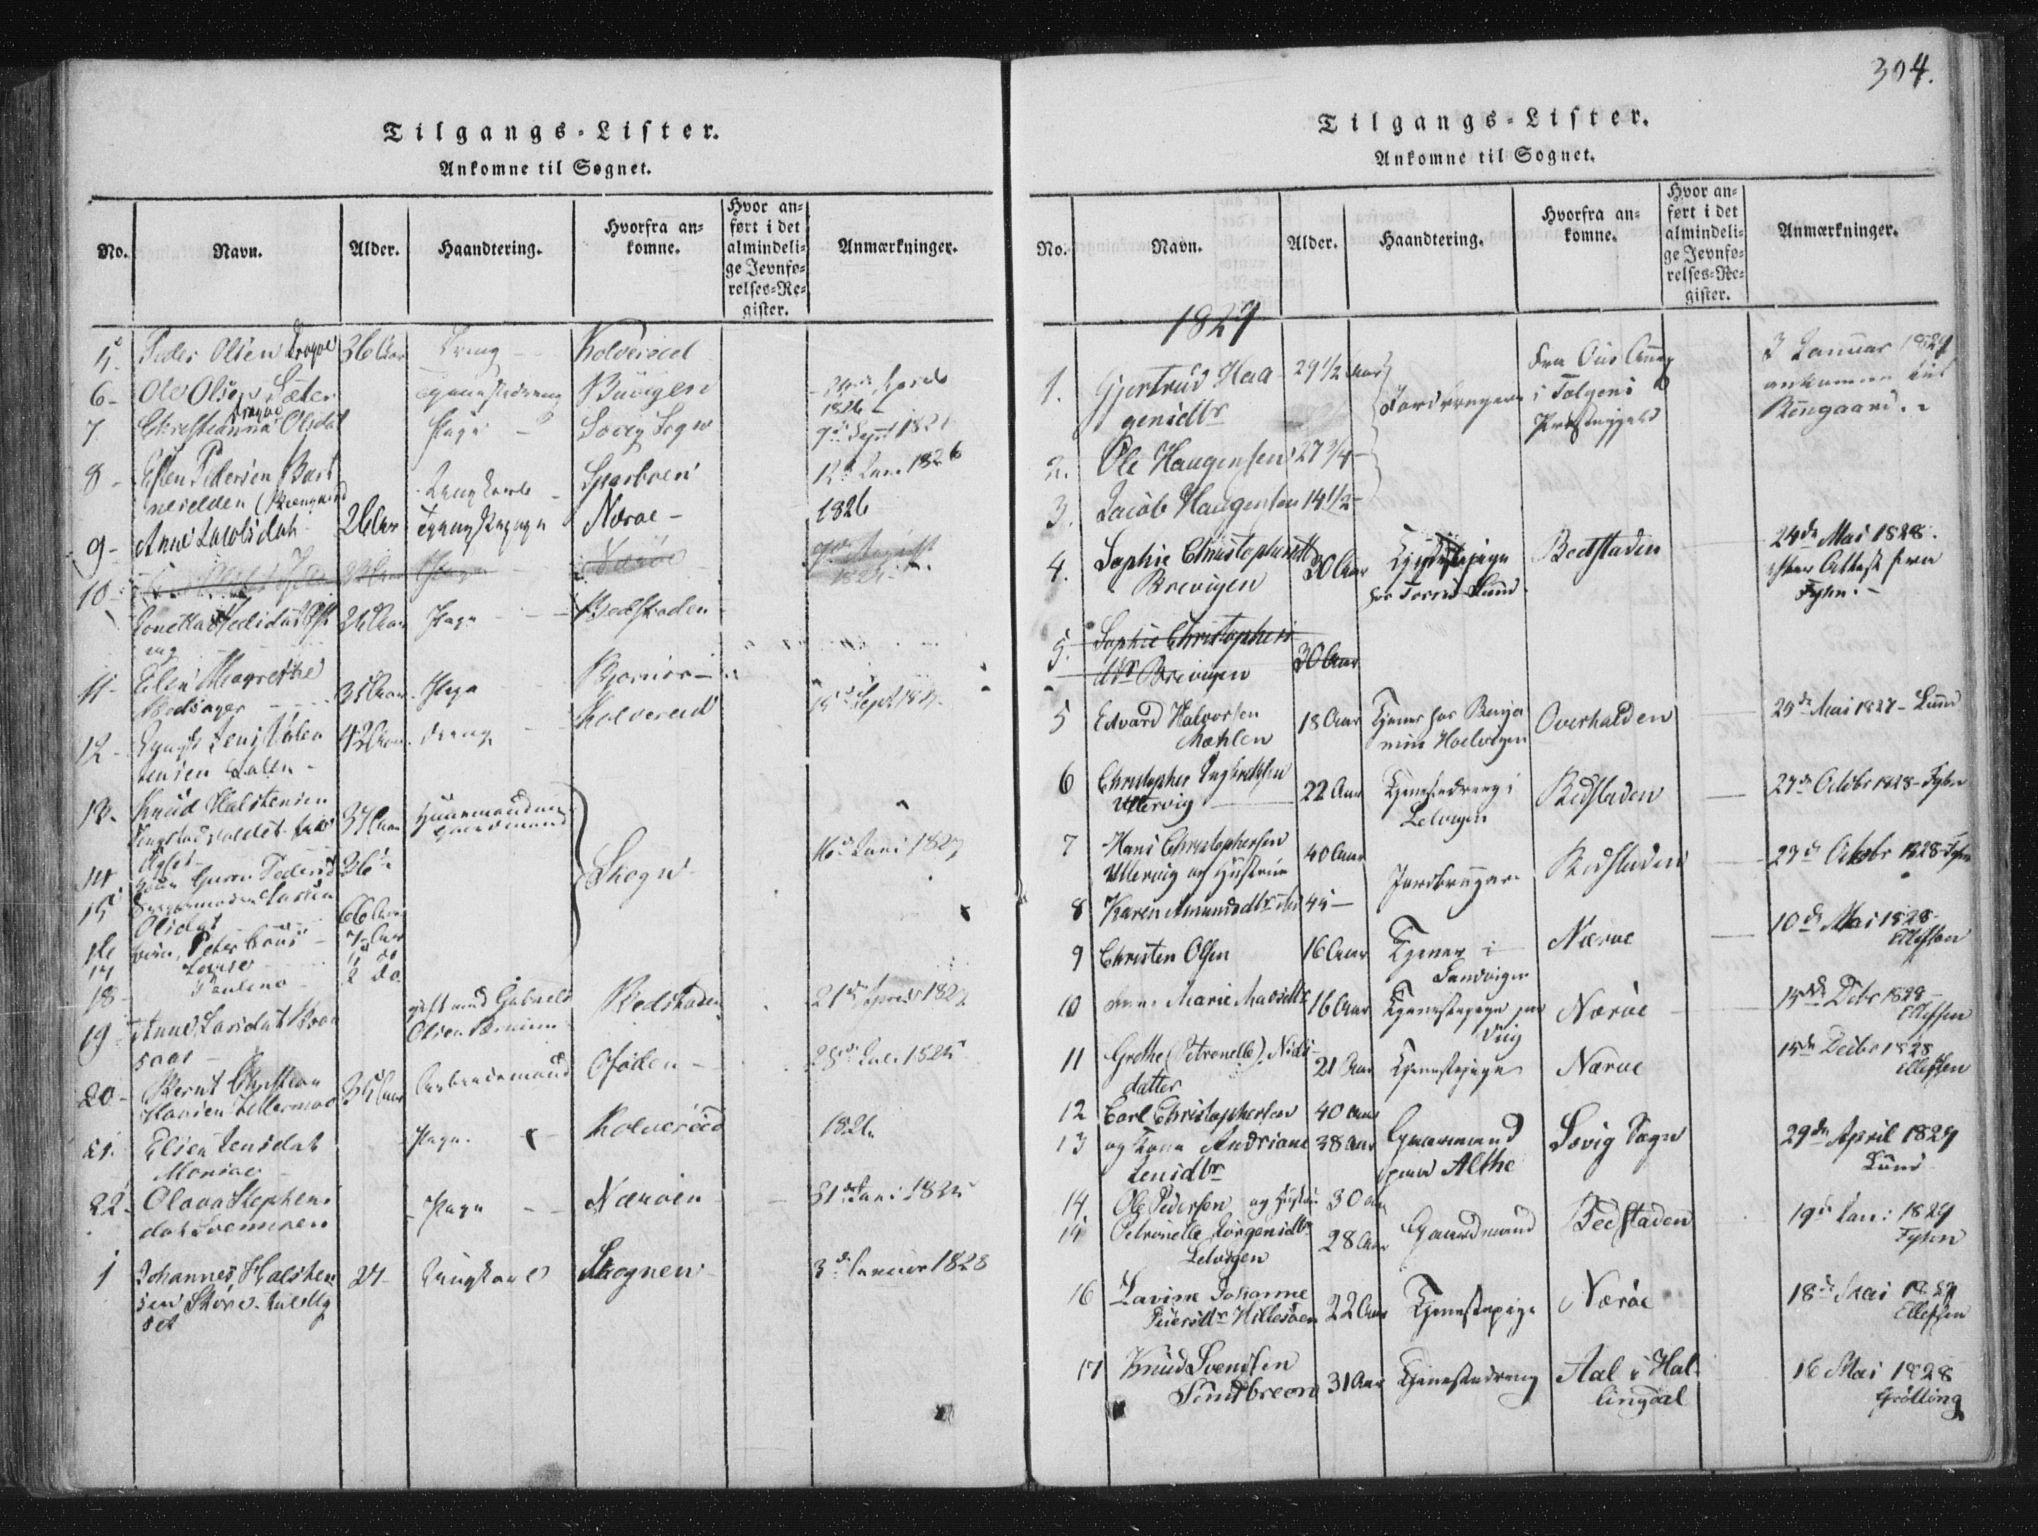 SAT, Ministerialprotokoller, klokkerbøker og fødselsregistre - Nord-Trøndelag, 773/L0609: Ministerialbok nr. 773A03 /1, 1815-1830, s. 304